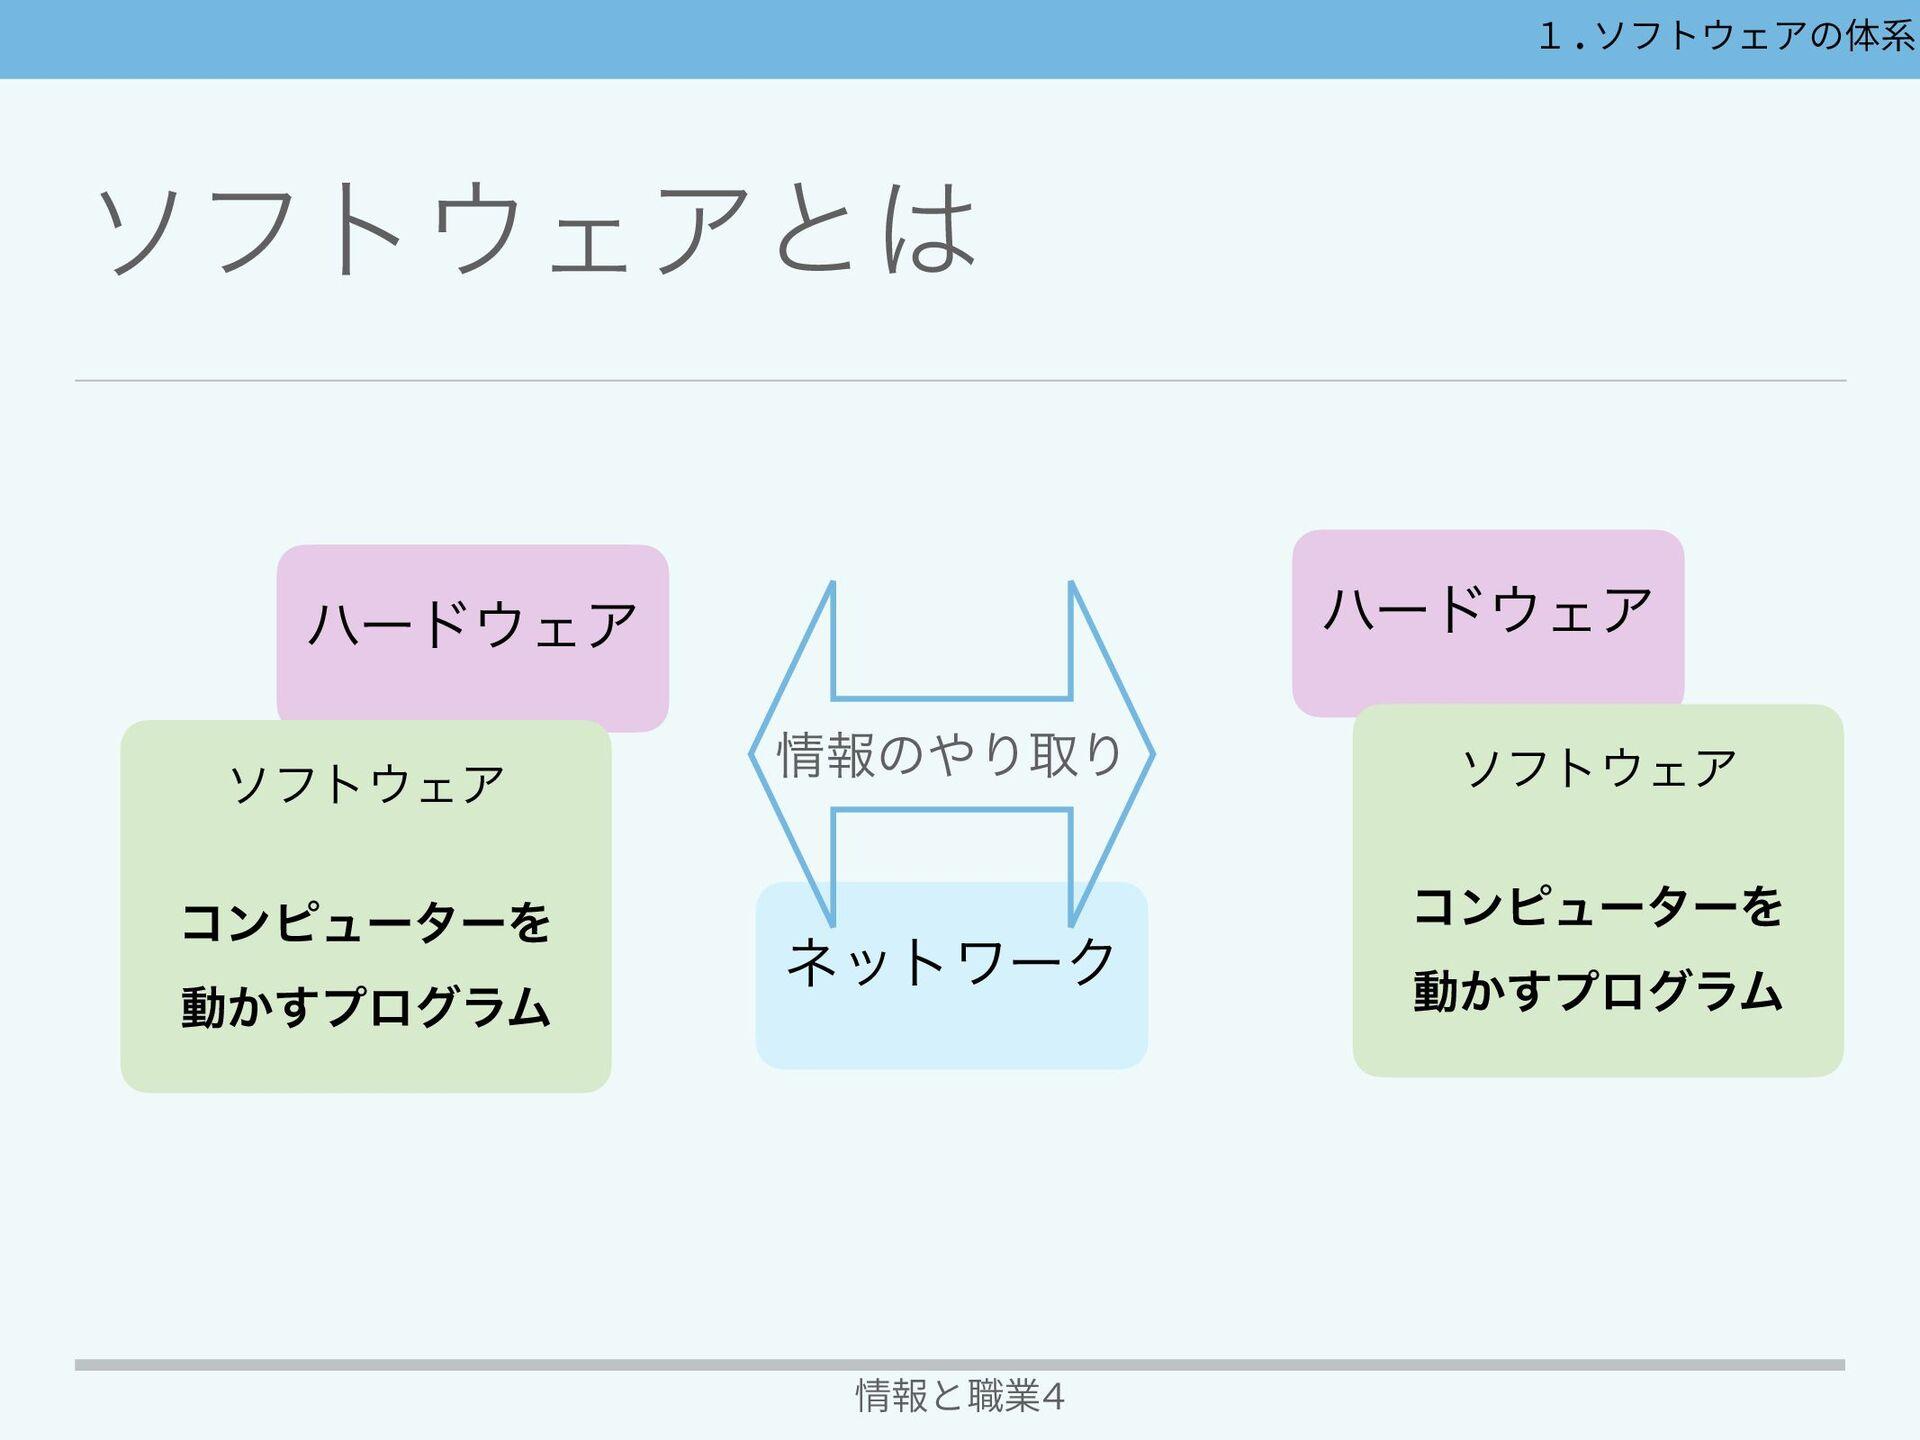 ιϑτΣΞͷମܥ 情報と職業4 ΦϖϨʔςΟϯάγεςϜʢOSʣ ίϯϐϡʔλͷجຊతͳίϯ...